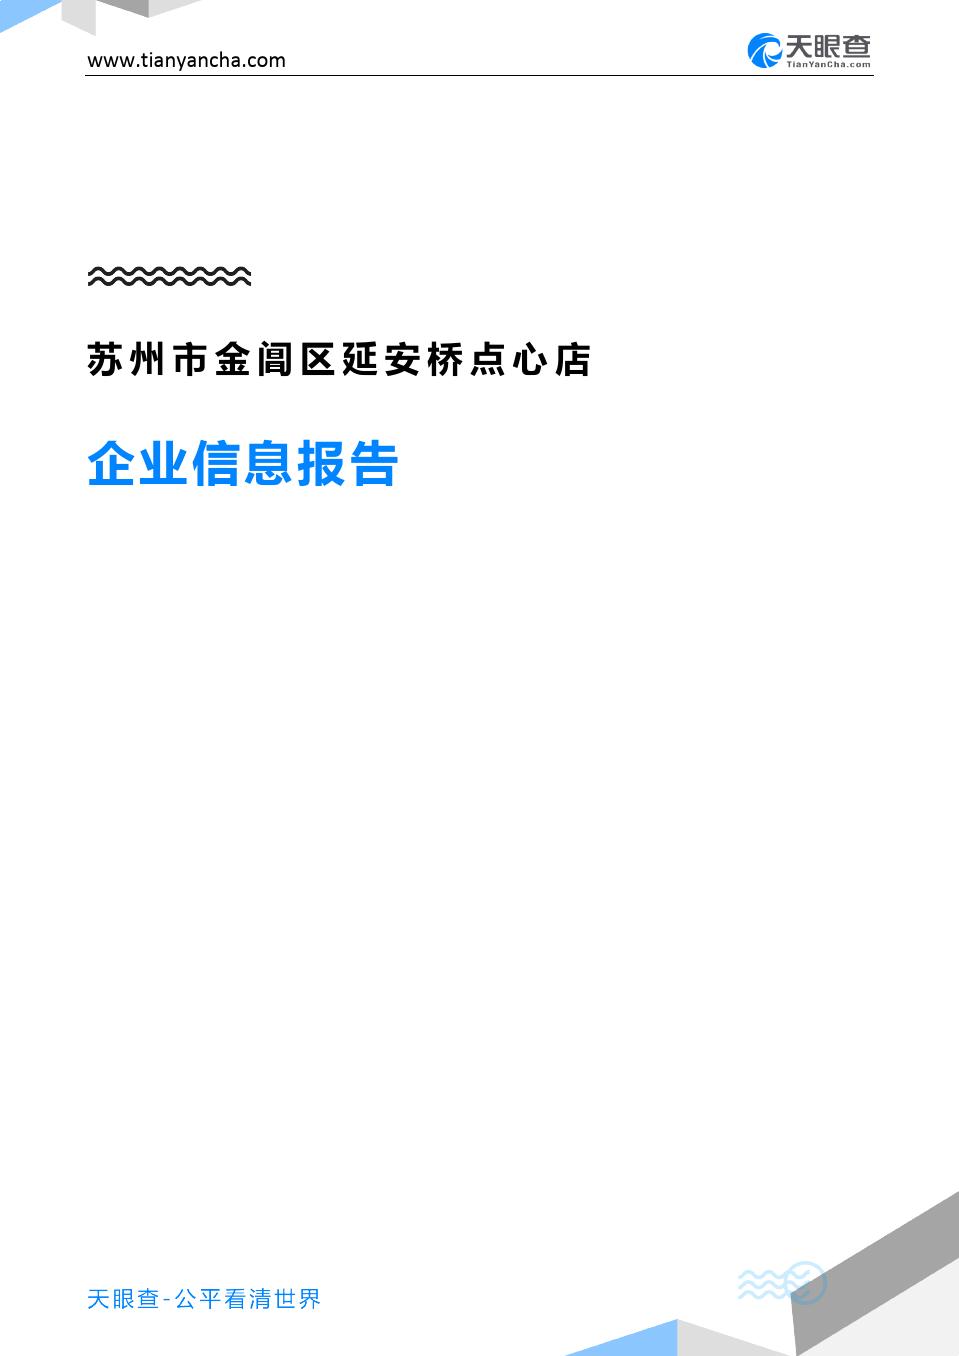 苏州市金阊区延安桥点心店企业信息报告-天眼查